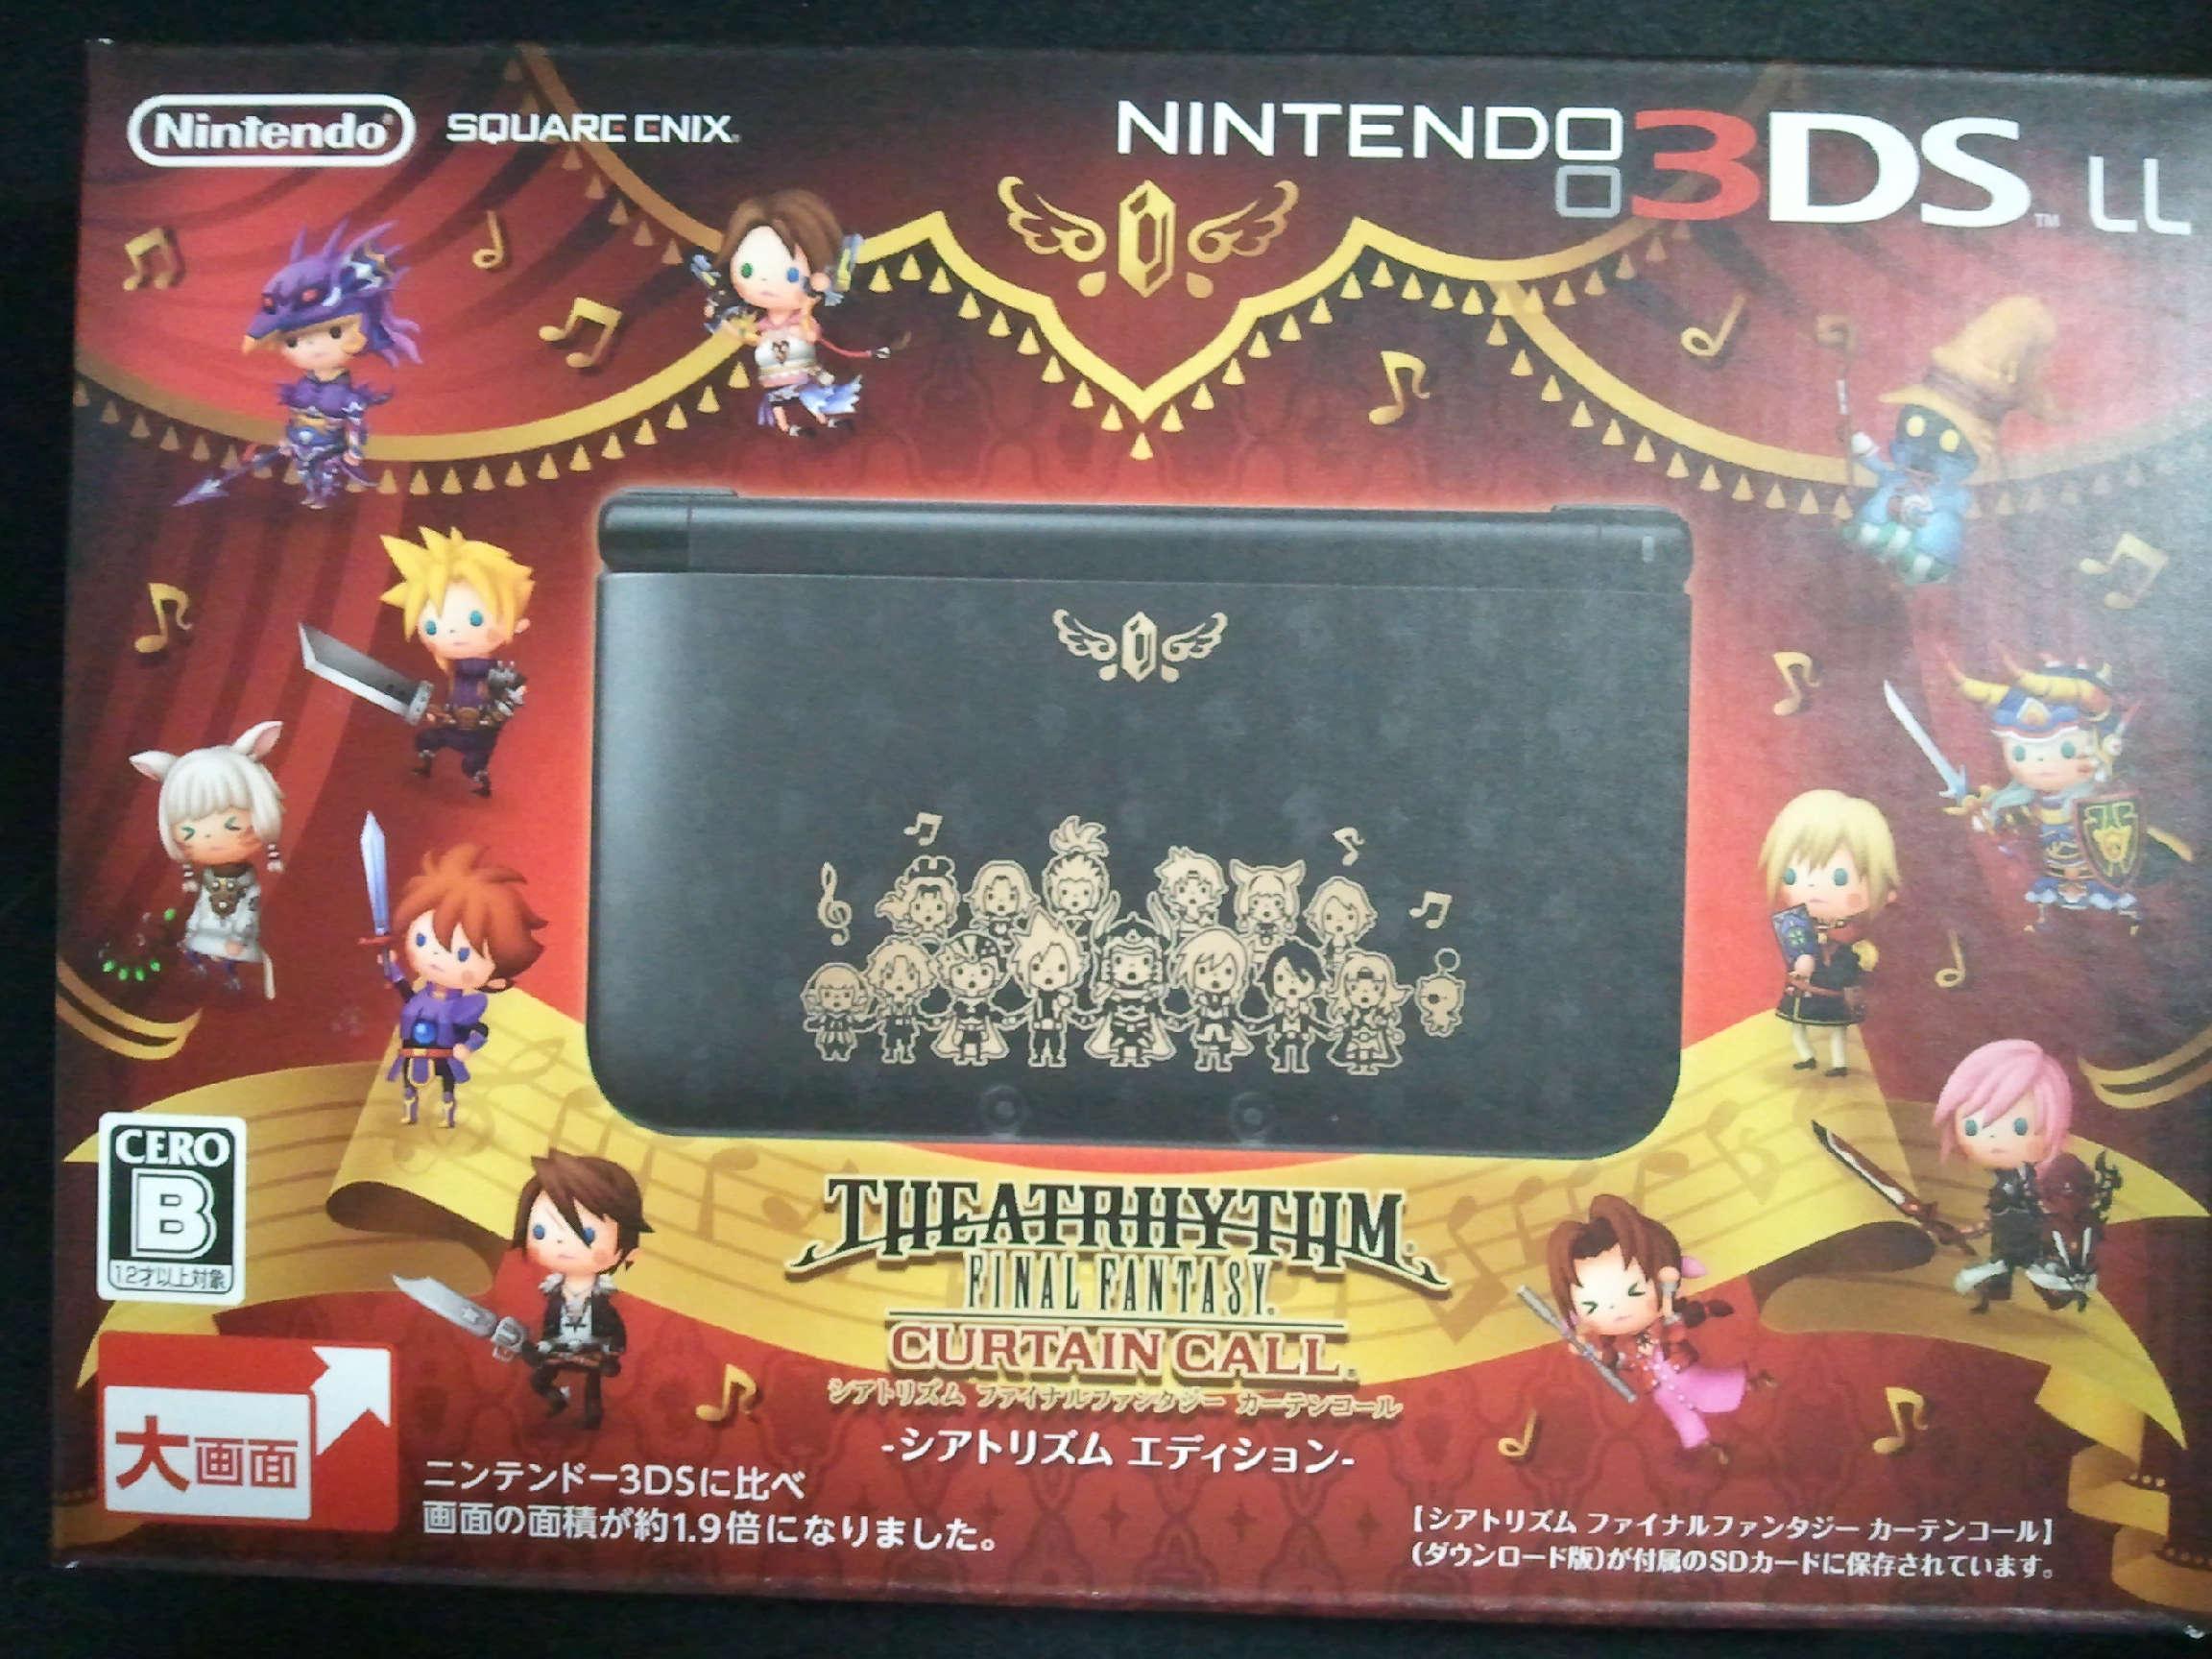 シアトリズム ファイナルファンタジー カーテンコール同梱版3DSLL